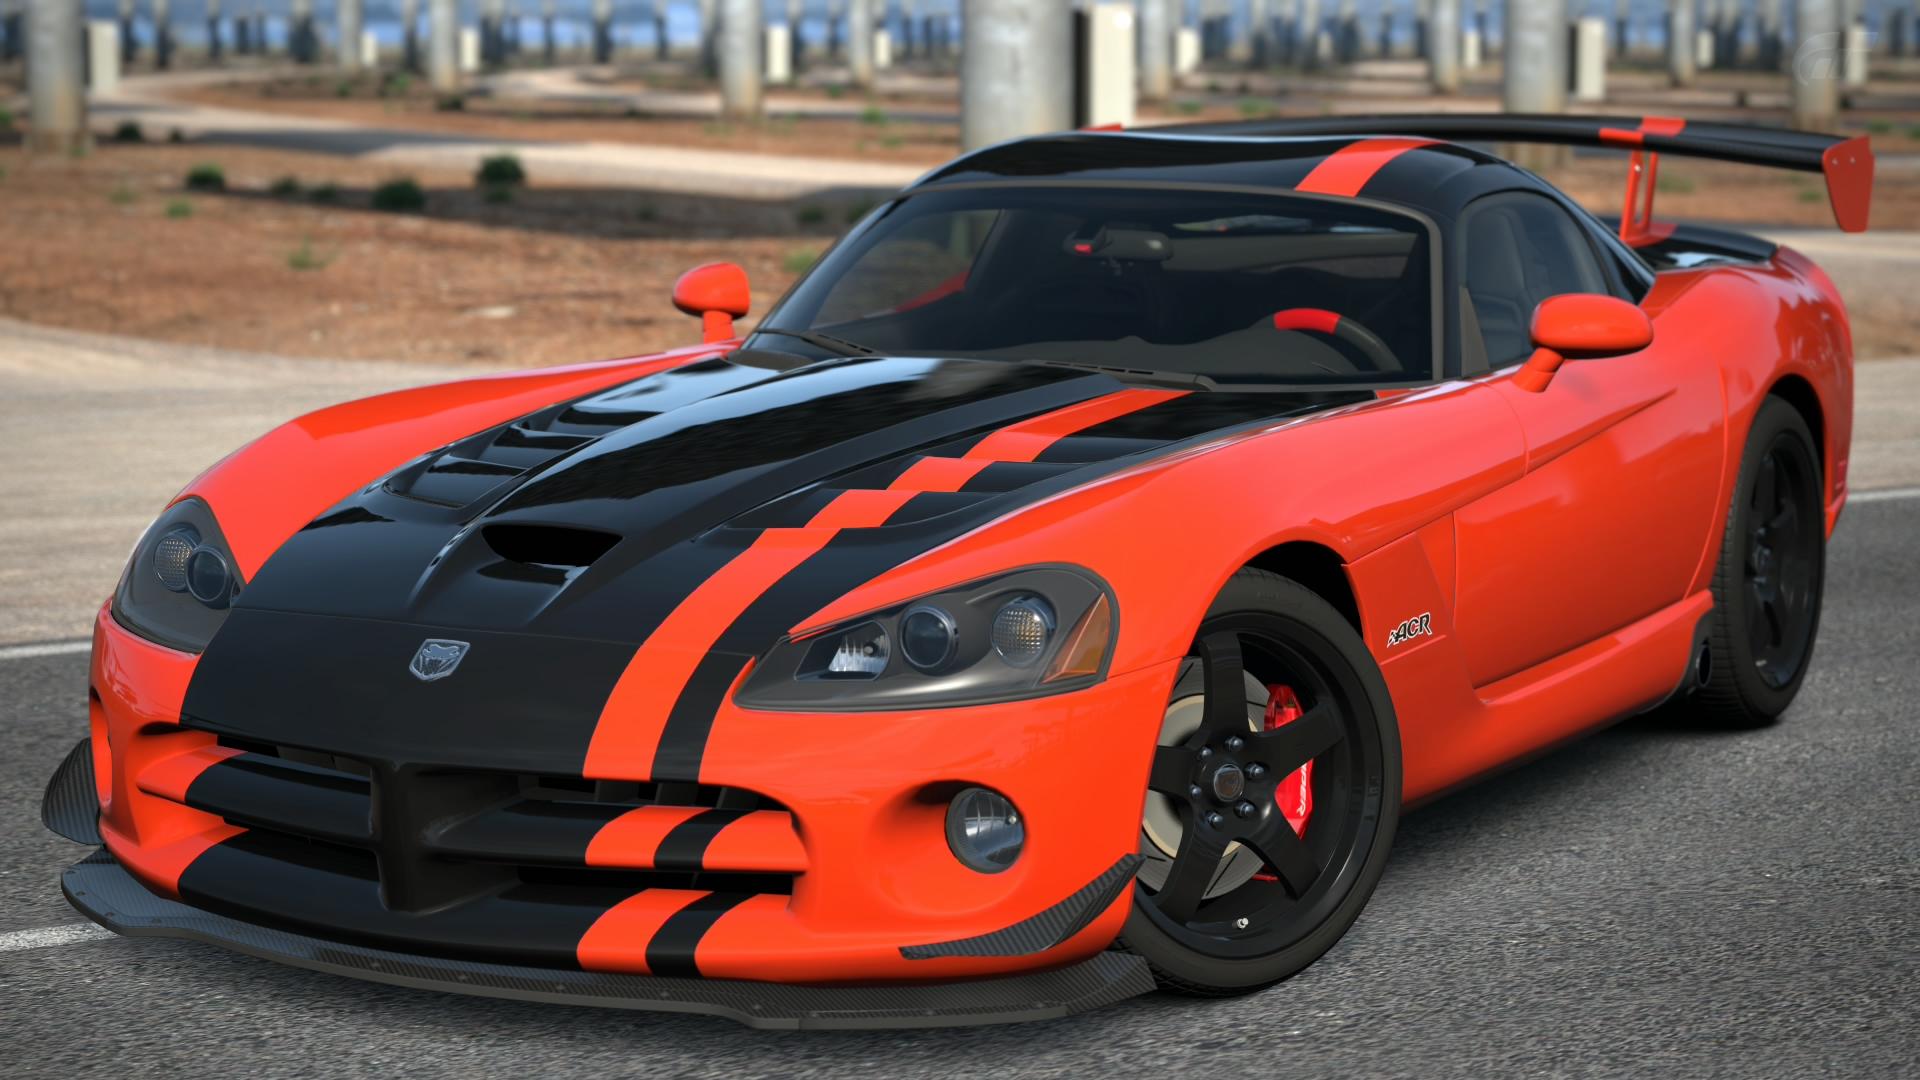 Dodge Viper Srt10 Acr 08